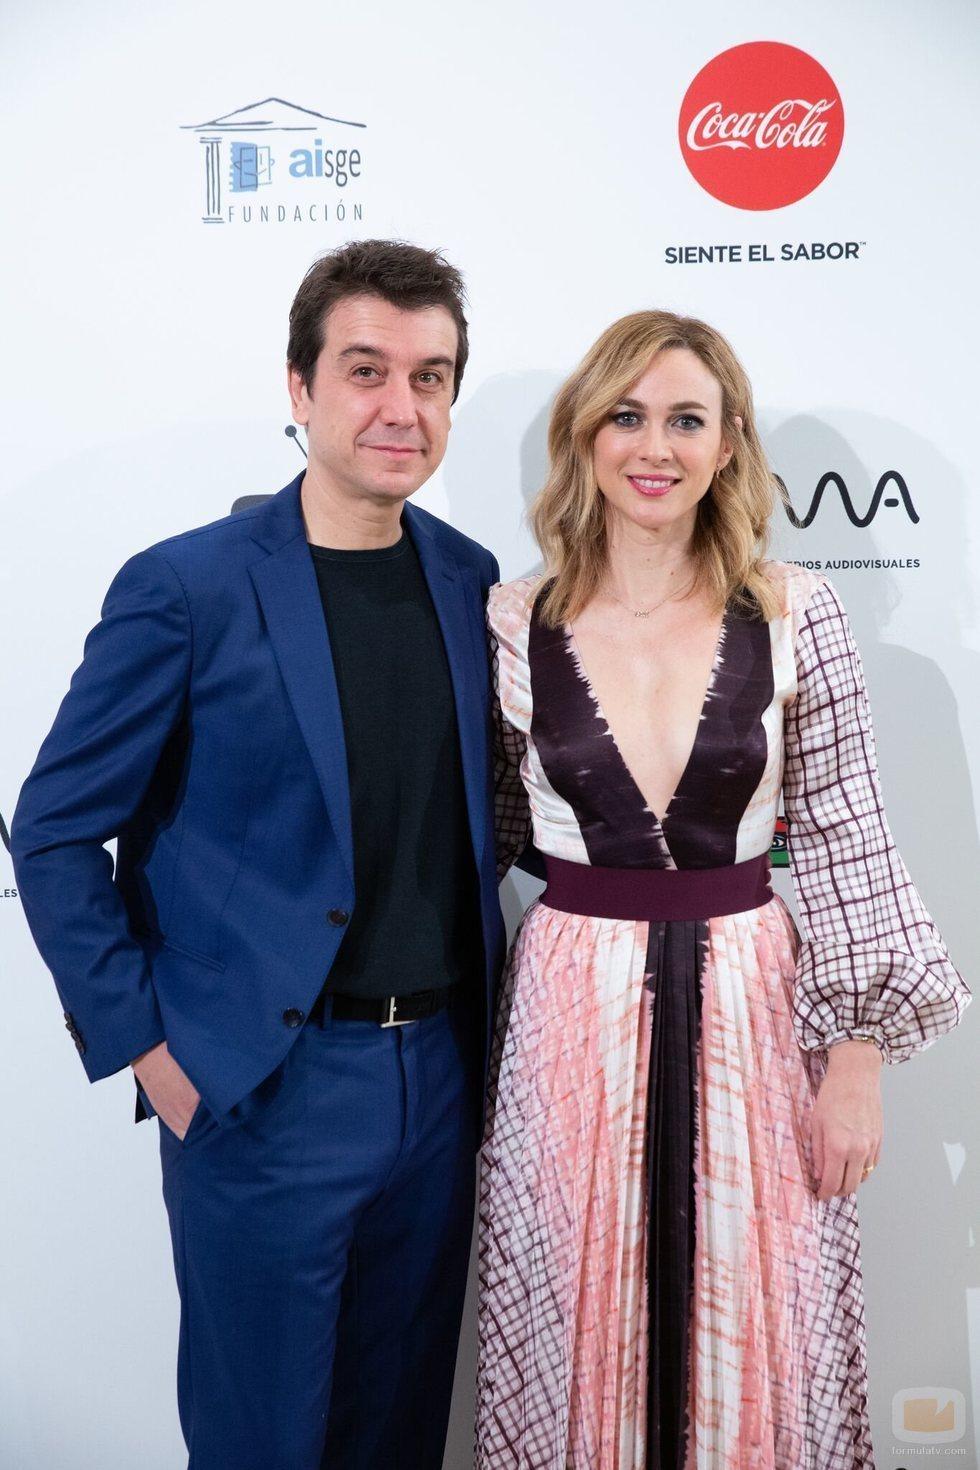 Javier Veiga y Marta Hazas en los Premios MiM 2019